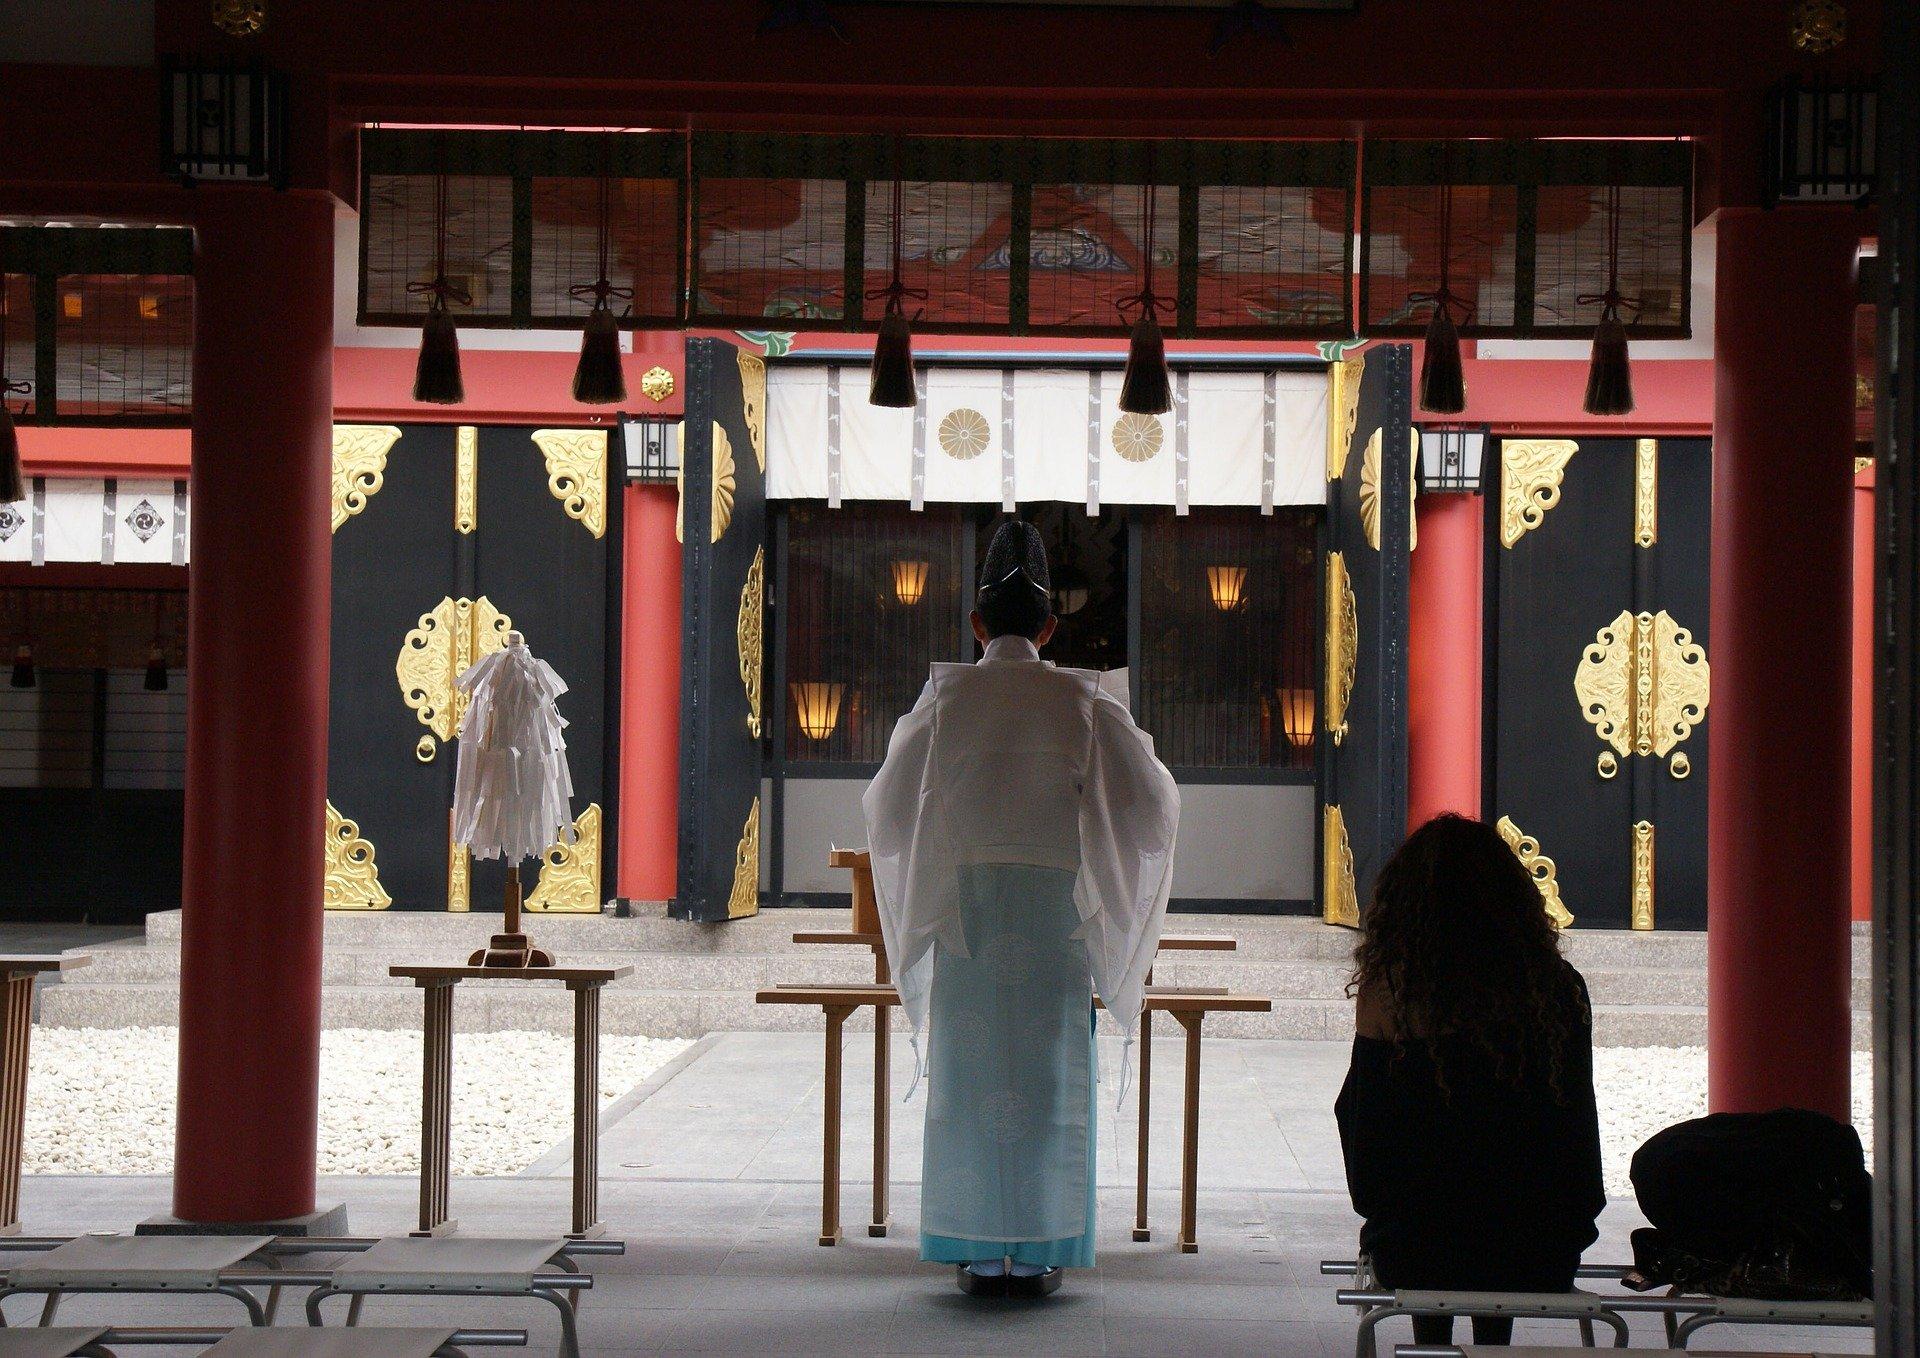 最強の縁結び神社が群馬にある!恋愛成就と運気が上がる神社&パワースポットで恋の願いを叶えよう